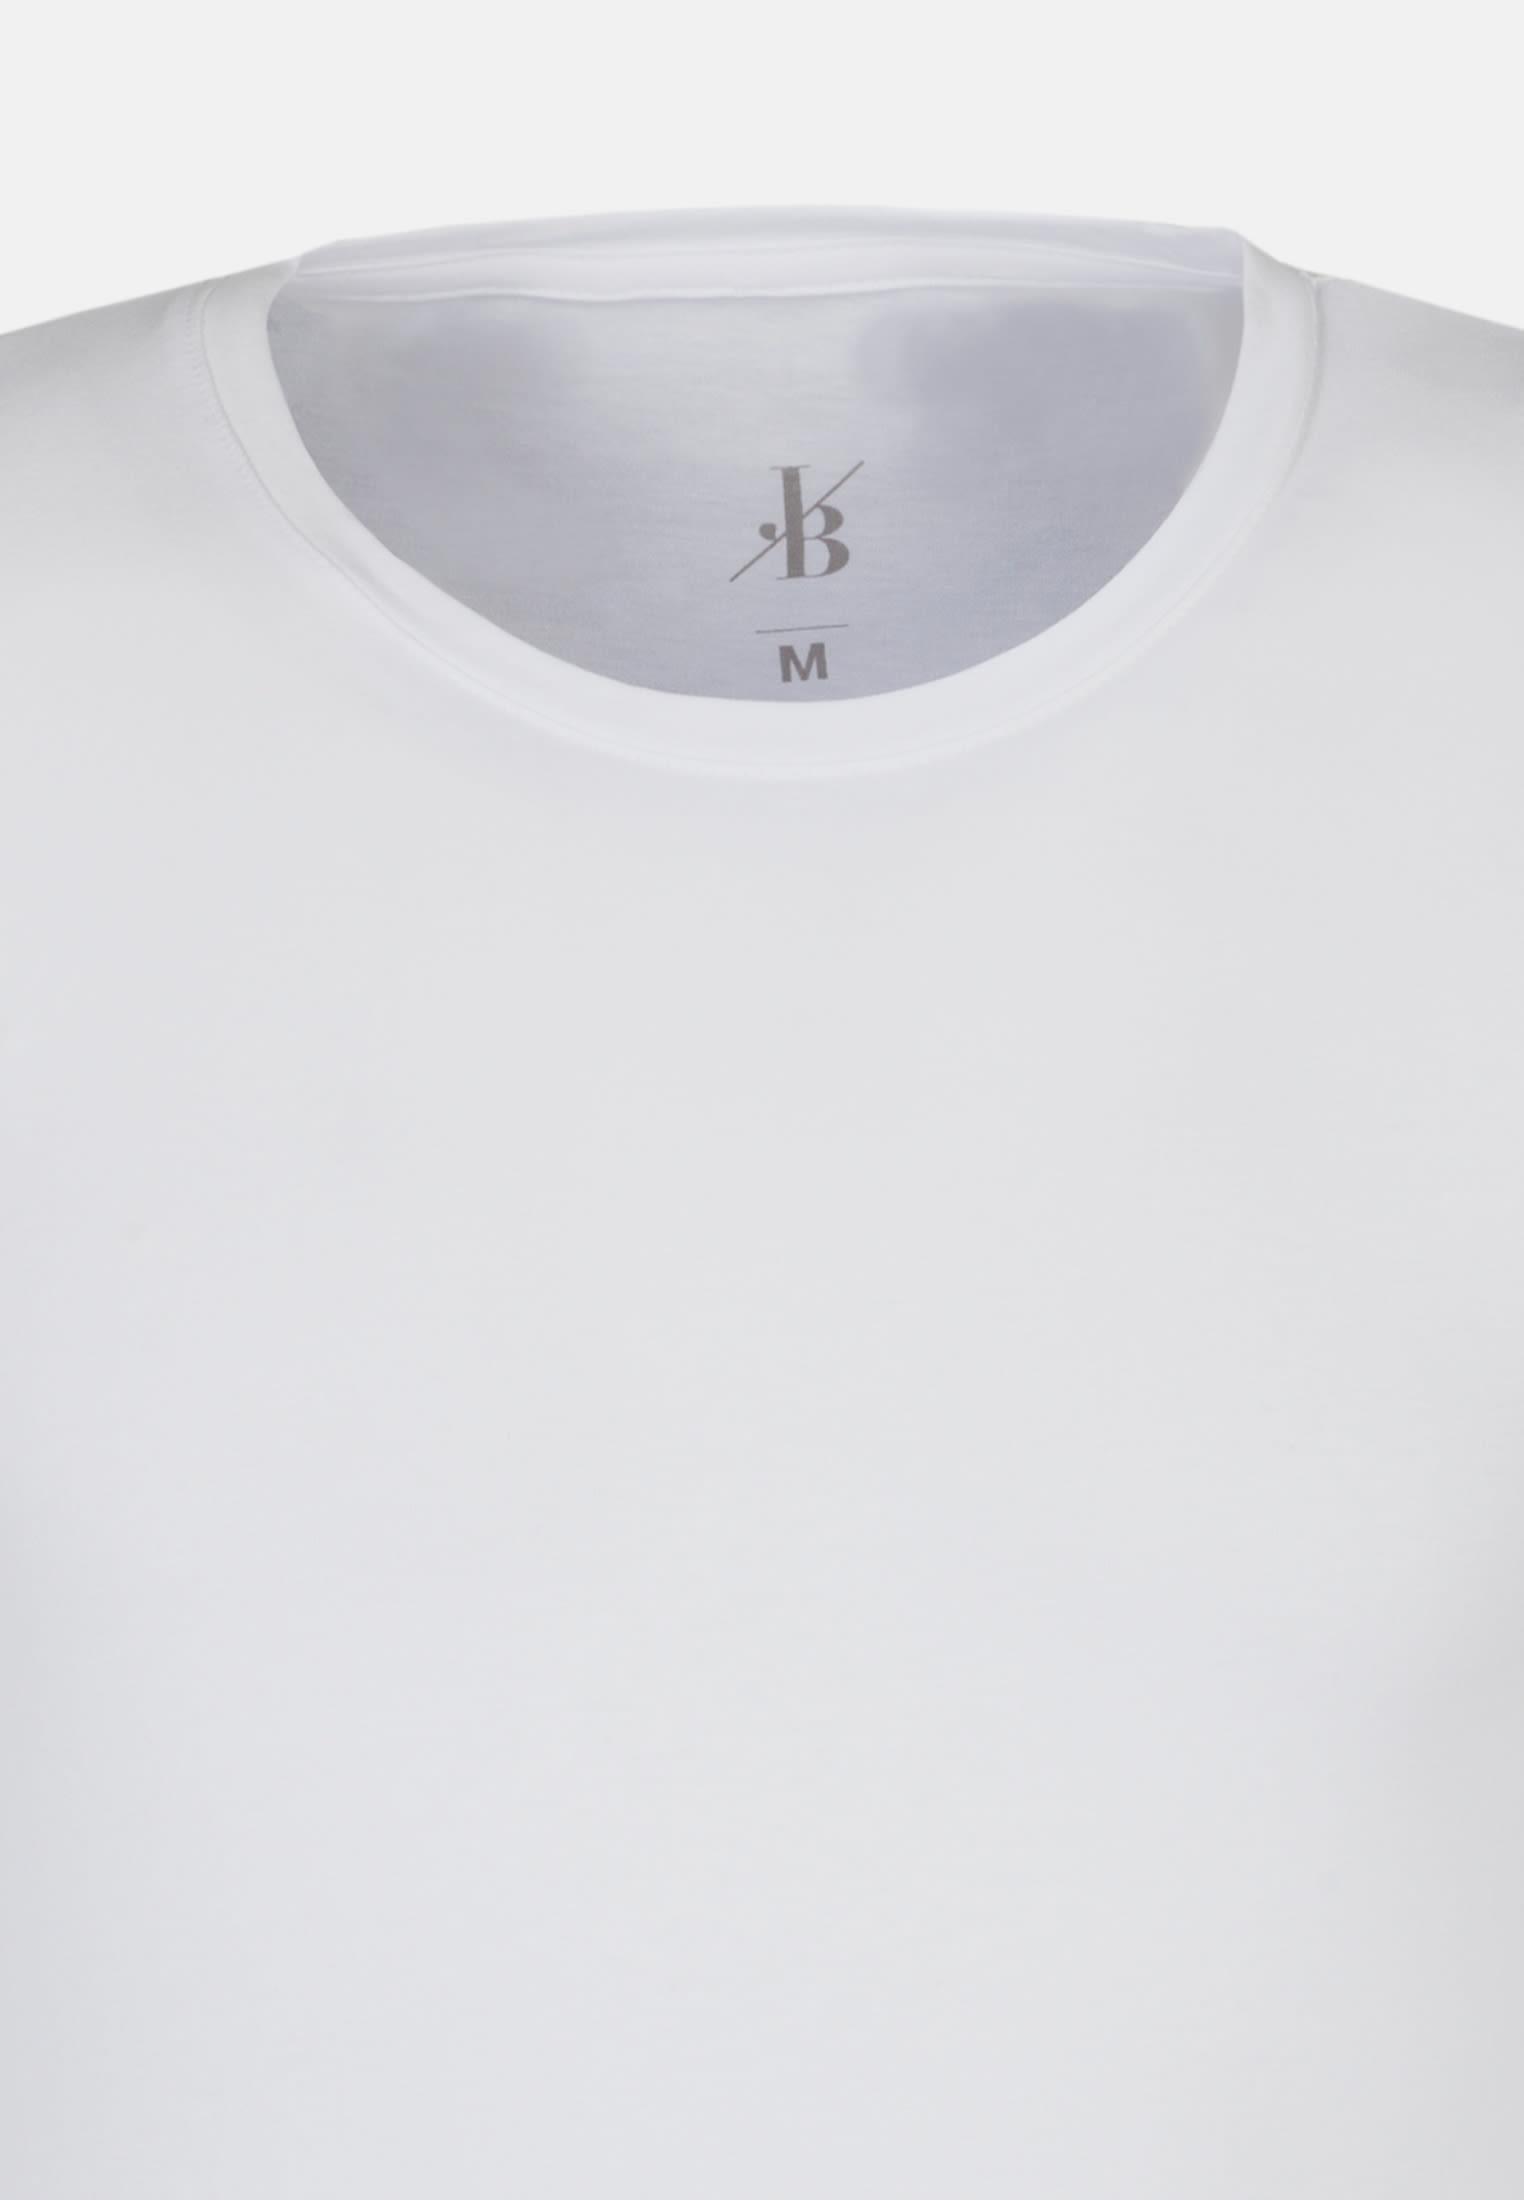 Rundhals T-Shirt aus 95% Baumwolle 5% Elastan in Weiß |  Jacques Britt Onlineshop